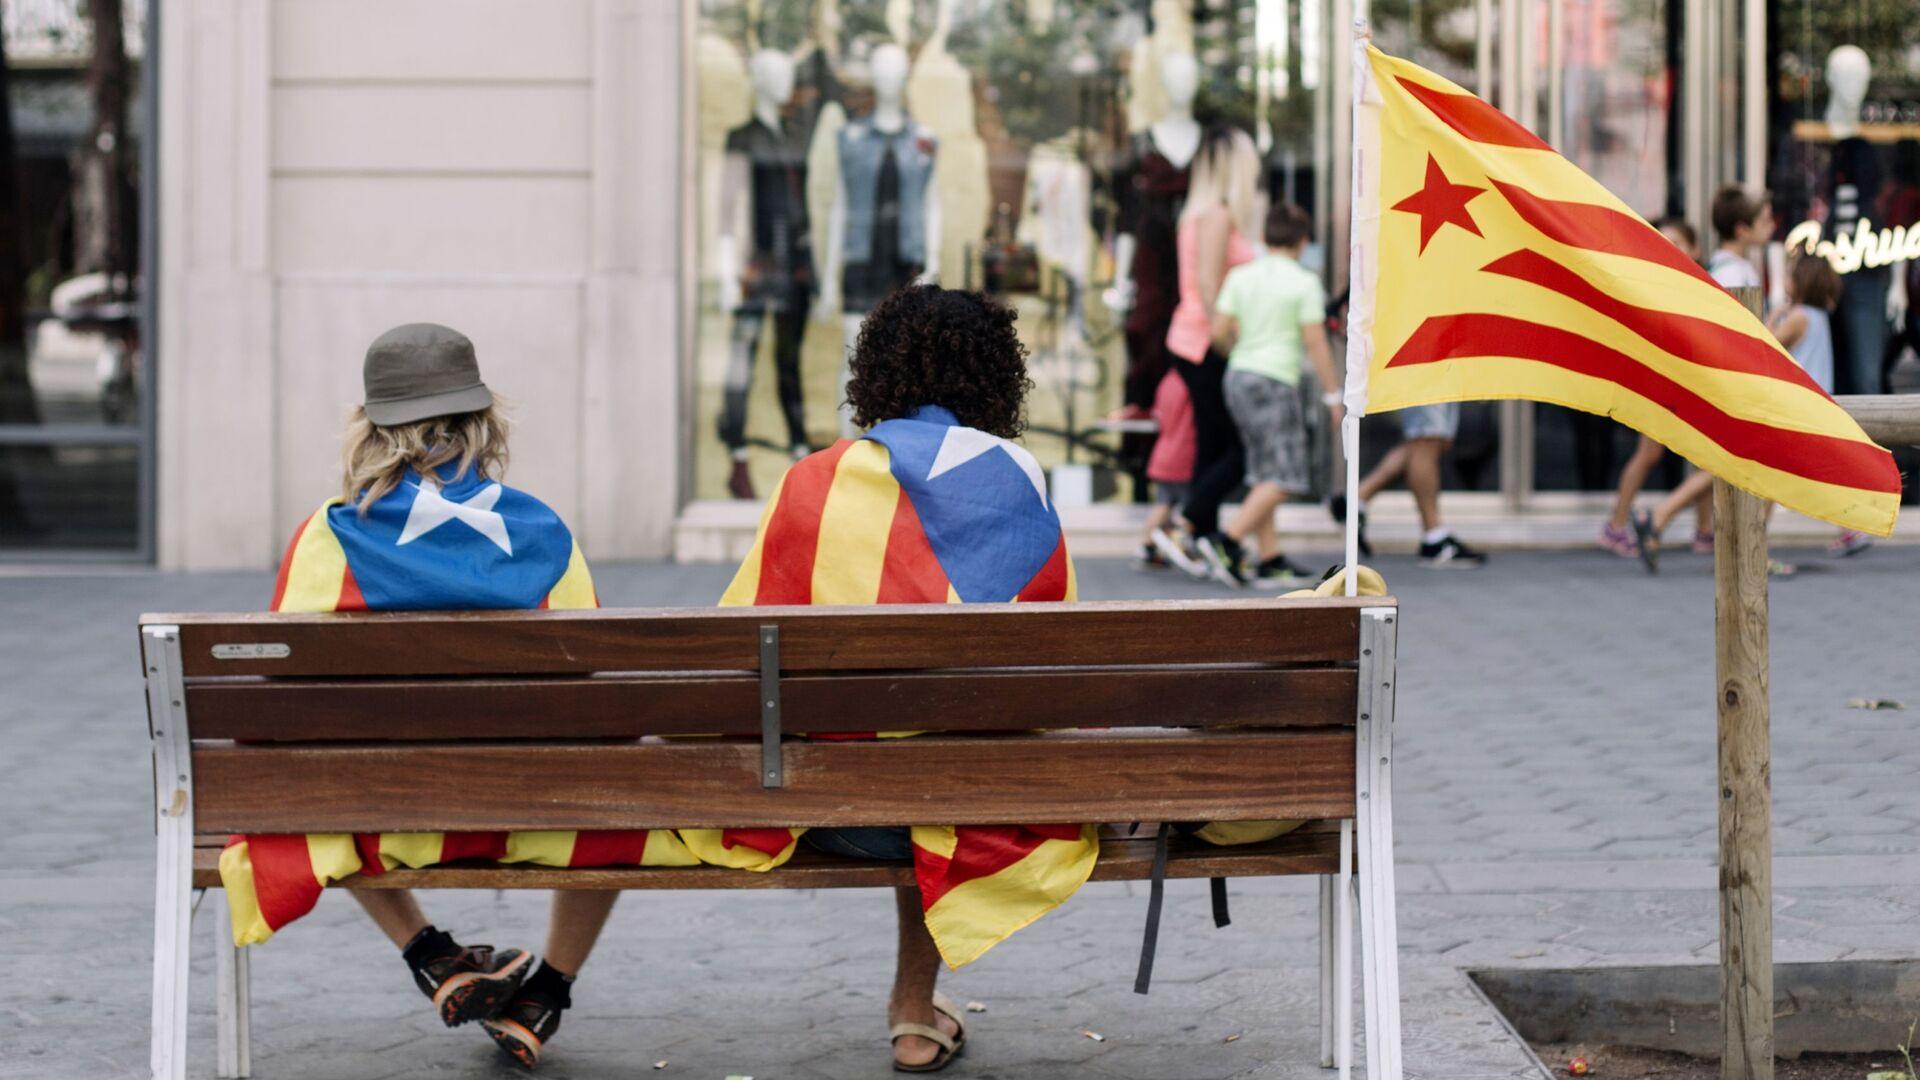 Las banderas independentistas de Catalonia - Sputnik Mundo, 1920, 03.09.2021